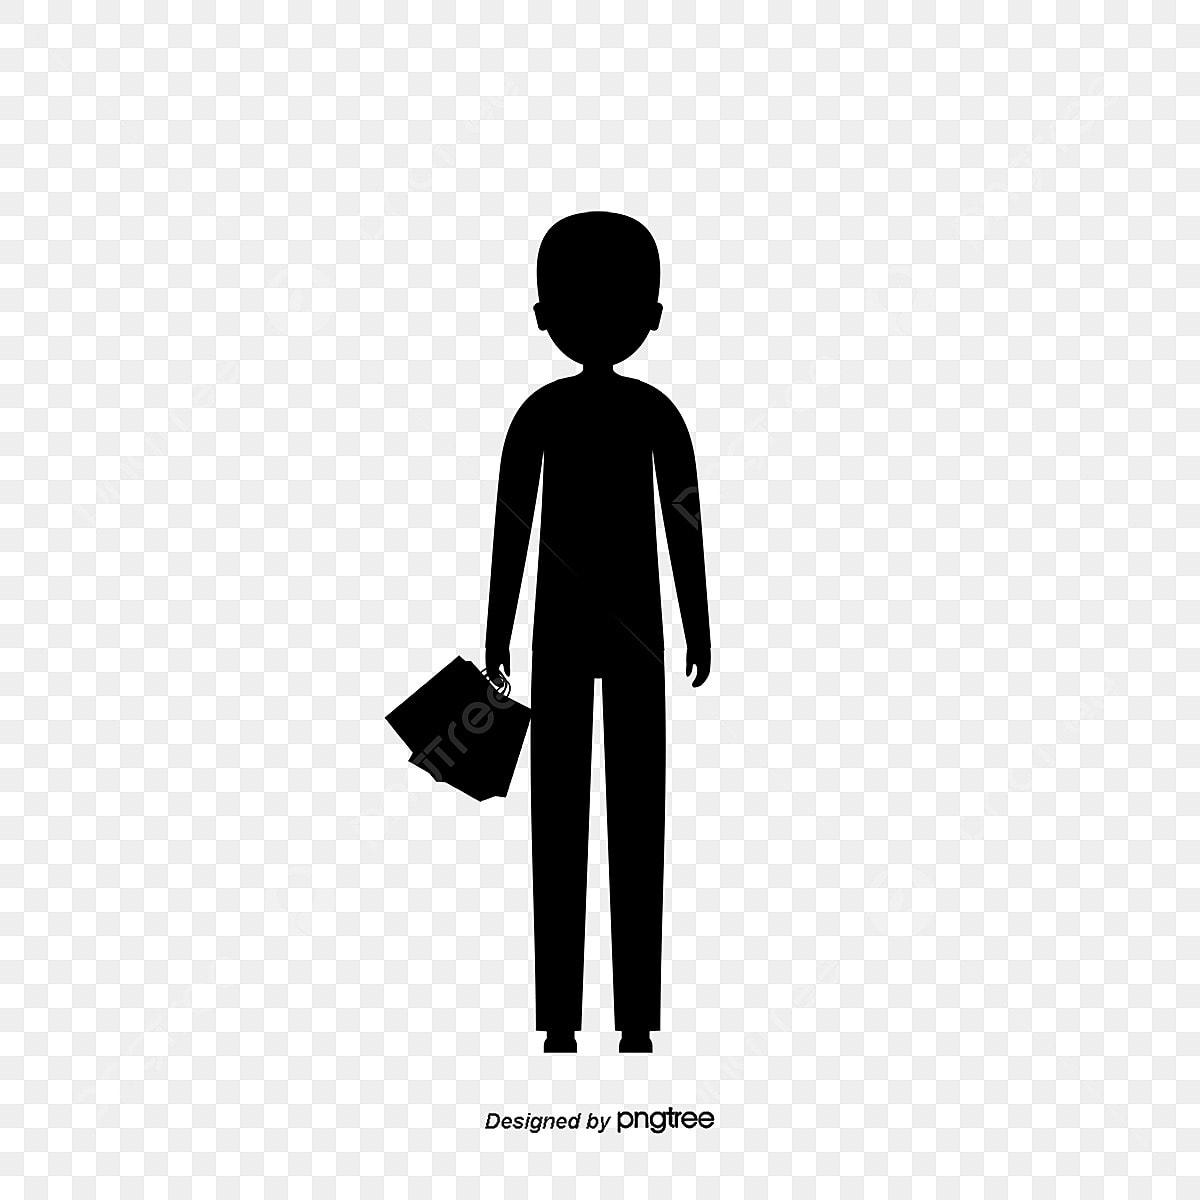 Un Homme Marche Aller Travailler Clipart Marche Clipart Homme Clipart De Travail Fichier Png Et Psd Pour Le Telechargement Libre